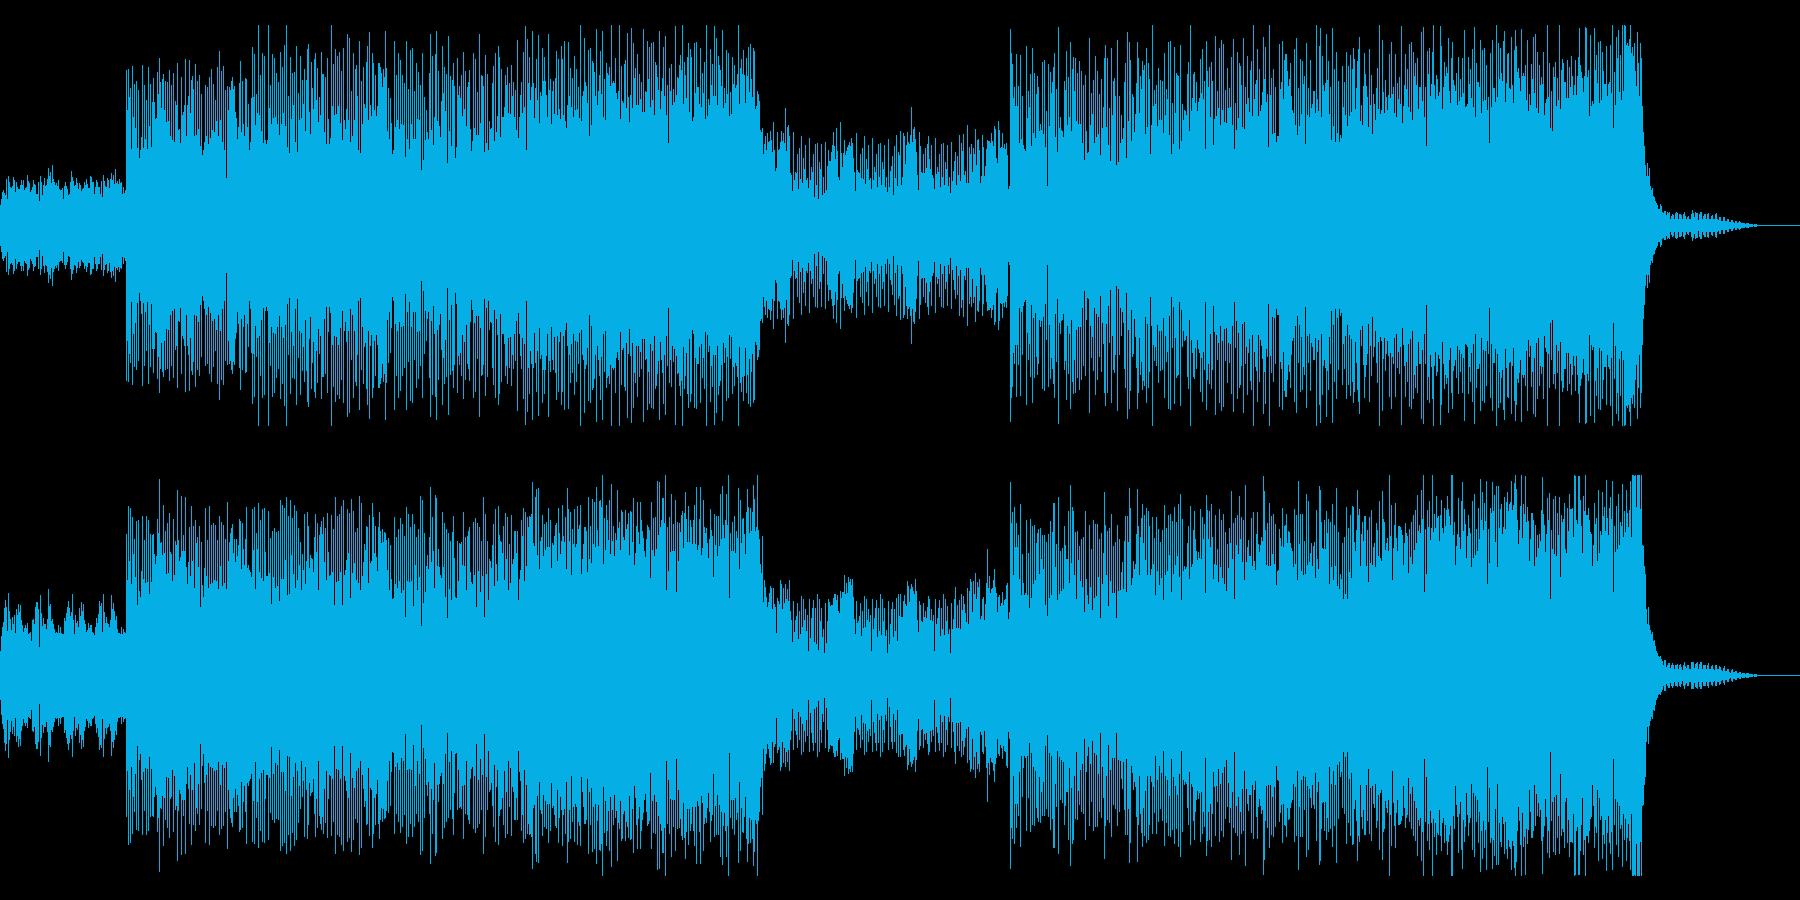 ストリングスとエレキギターの力強いビートの再生済みの波形